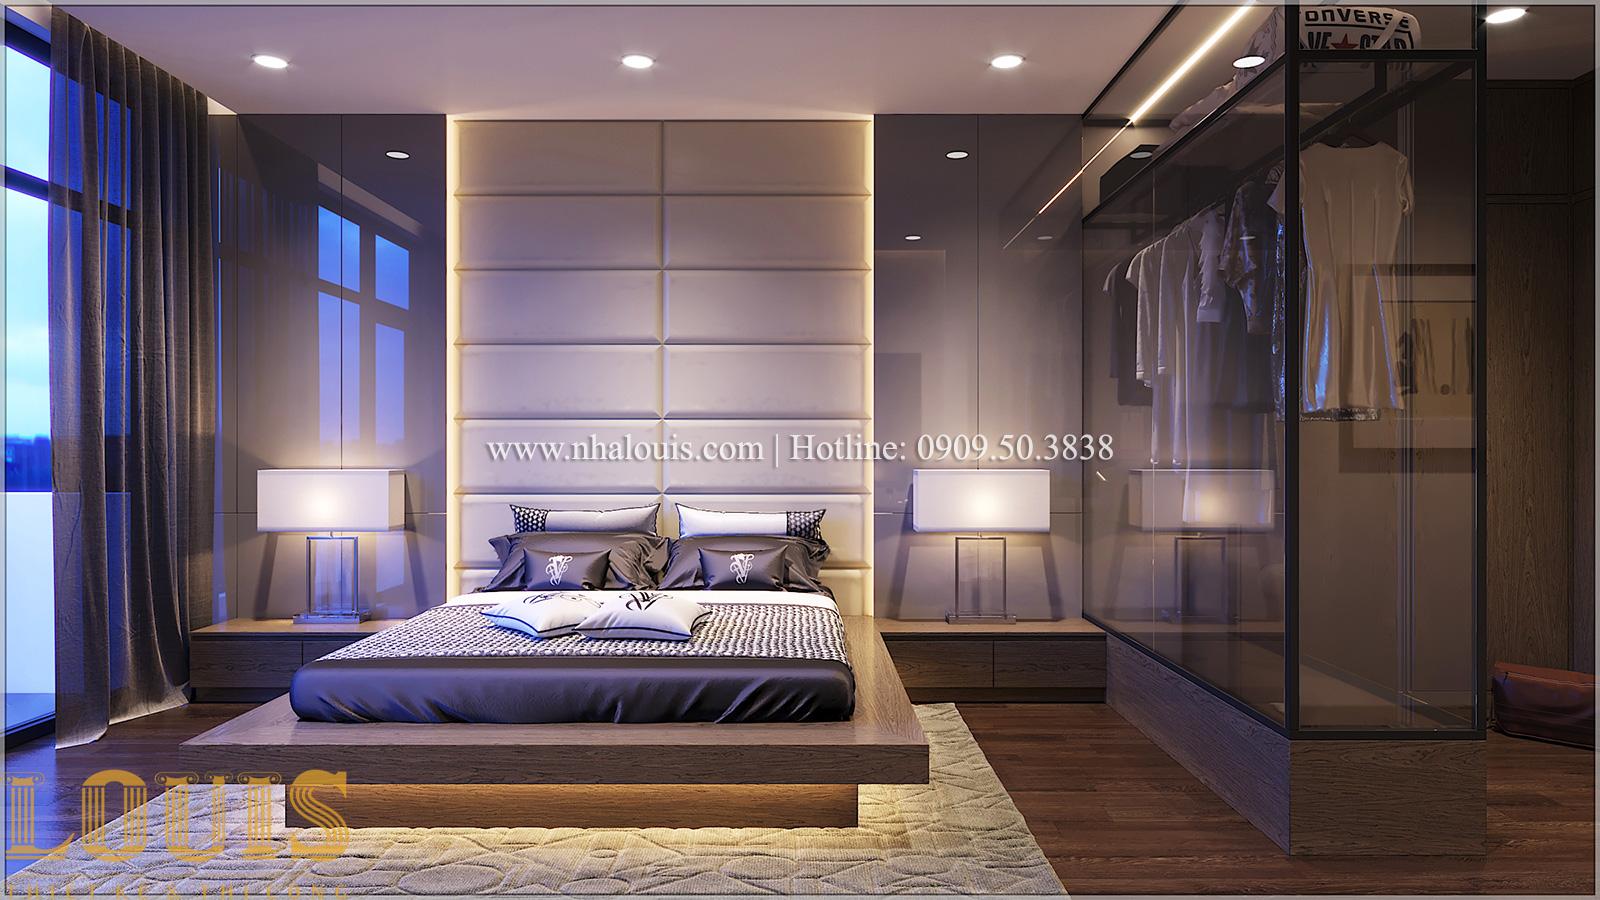 Phòng ngủ Mẫu nhà ống đẹp 3 tầng hiện đại cực chất tại Bến Tre - 21